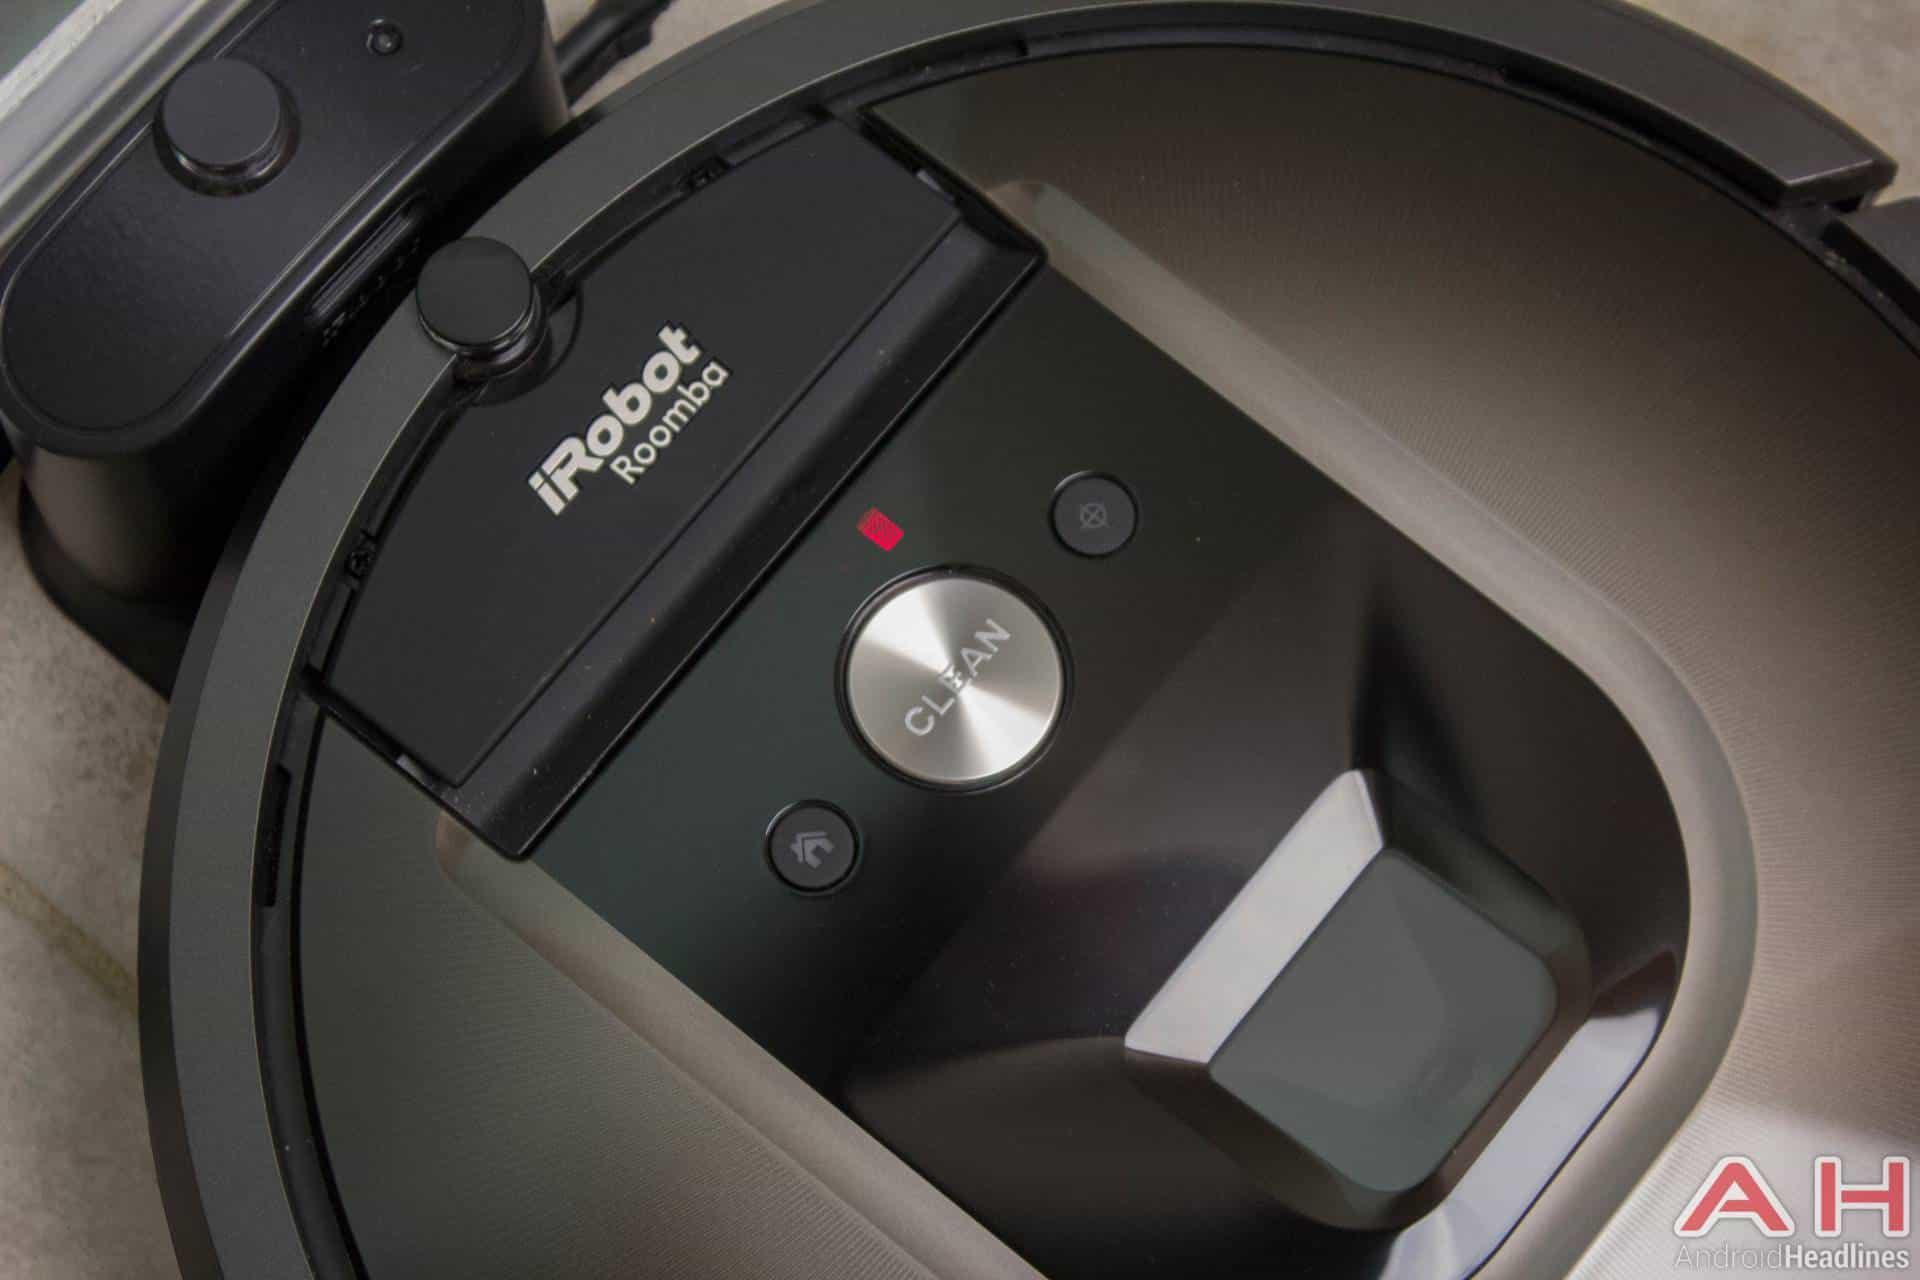 iRobot Roomba 980 AH NS dustbin full